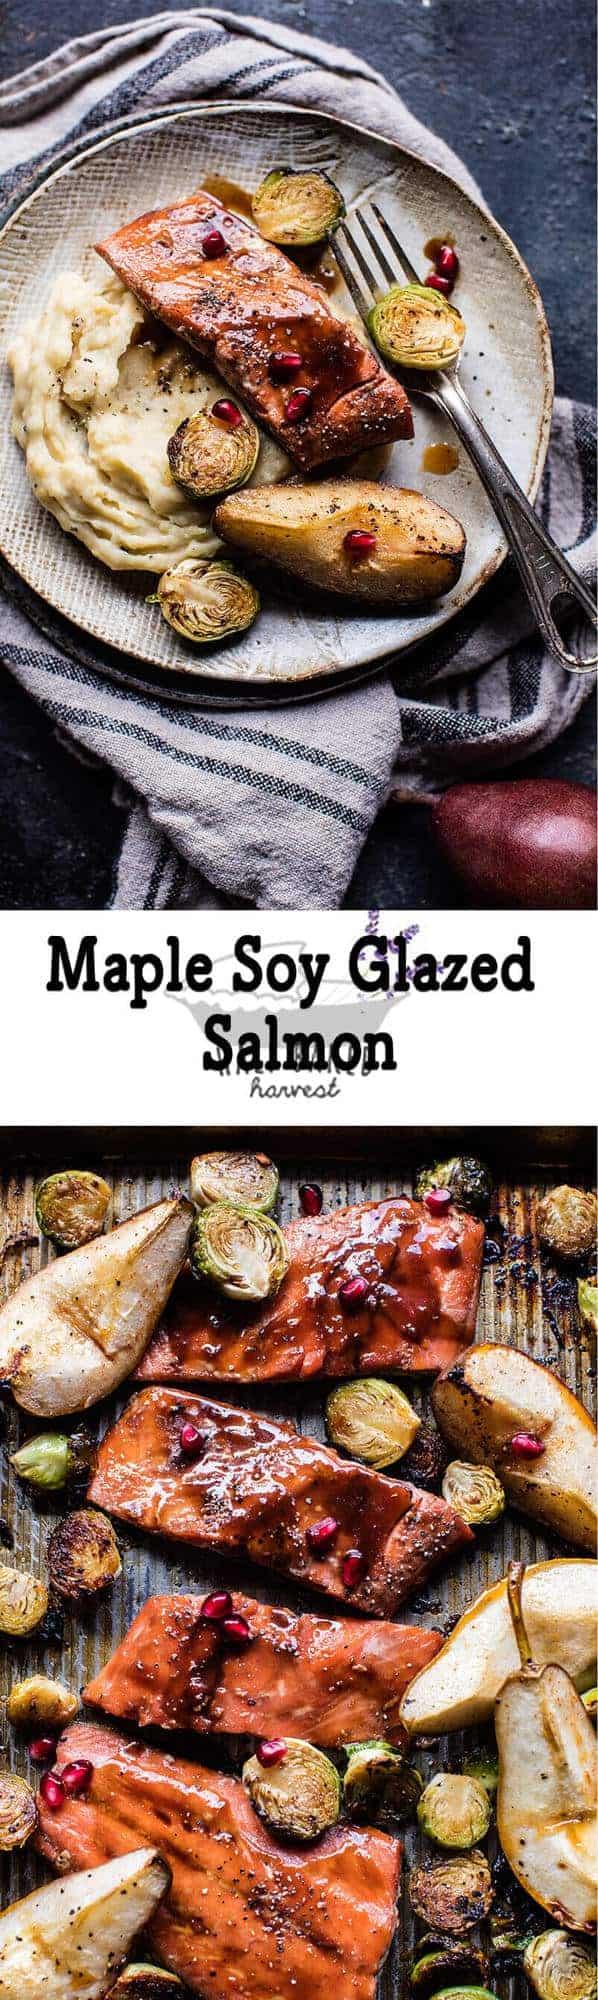 Maple Soy Glazed Baked Salmon | halfbakedharvest.com @hbharvest